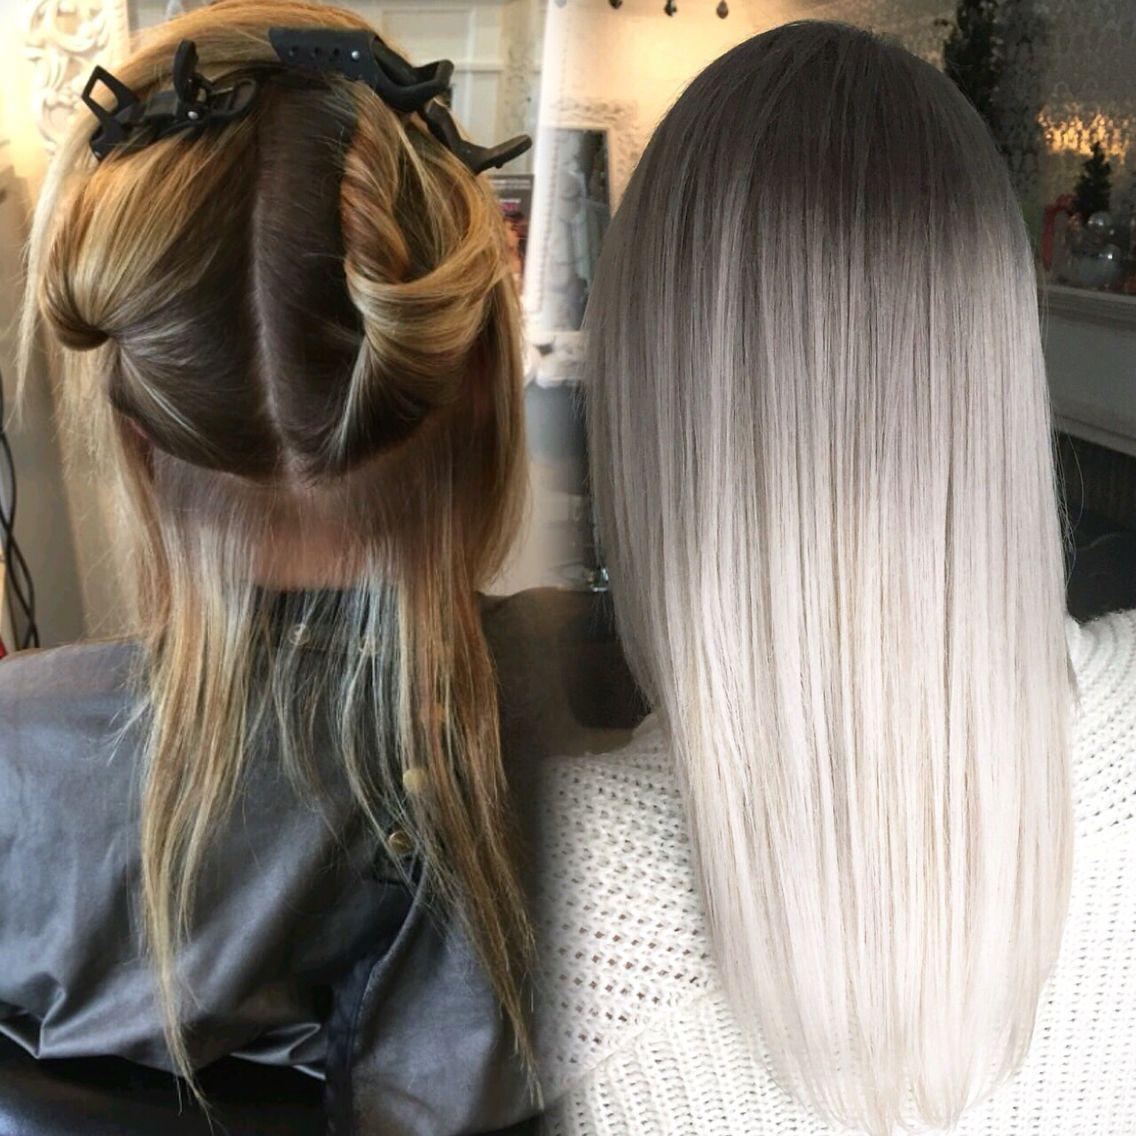 Graue Haare Färben So Funktioniert Haare Graue Haare